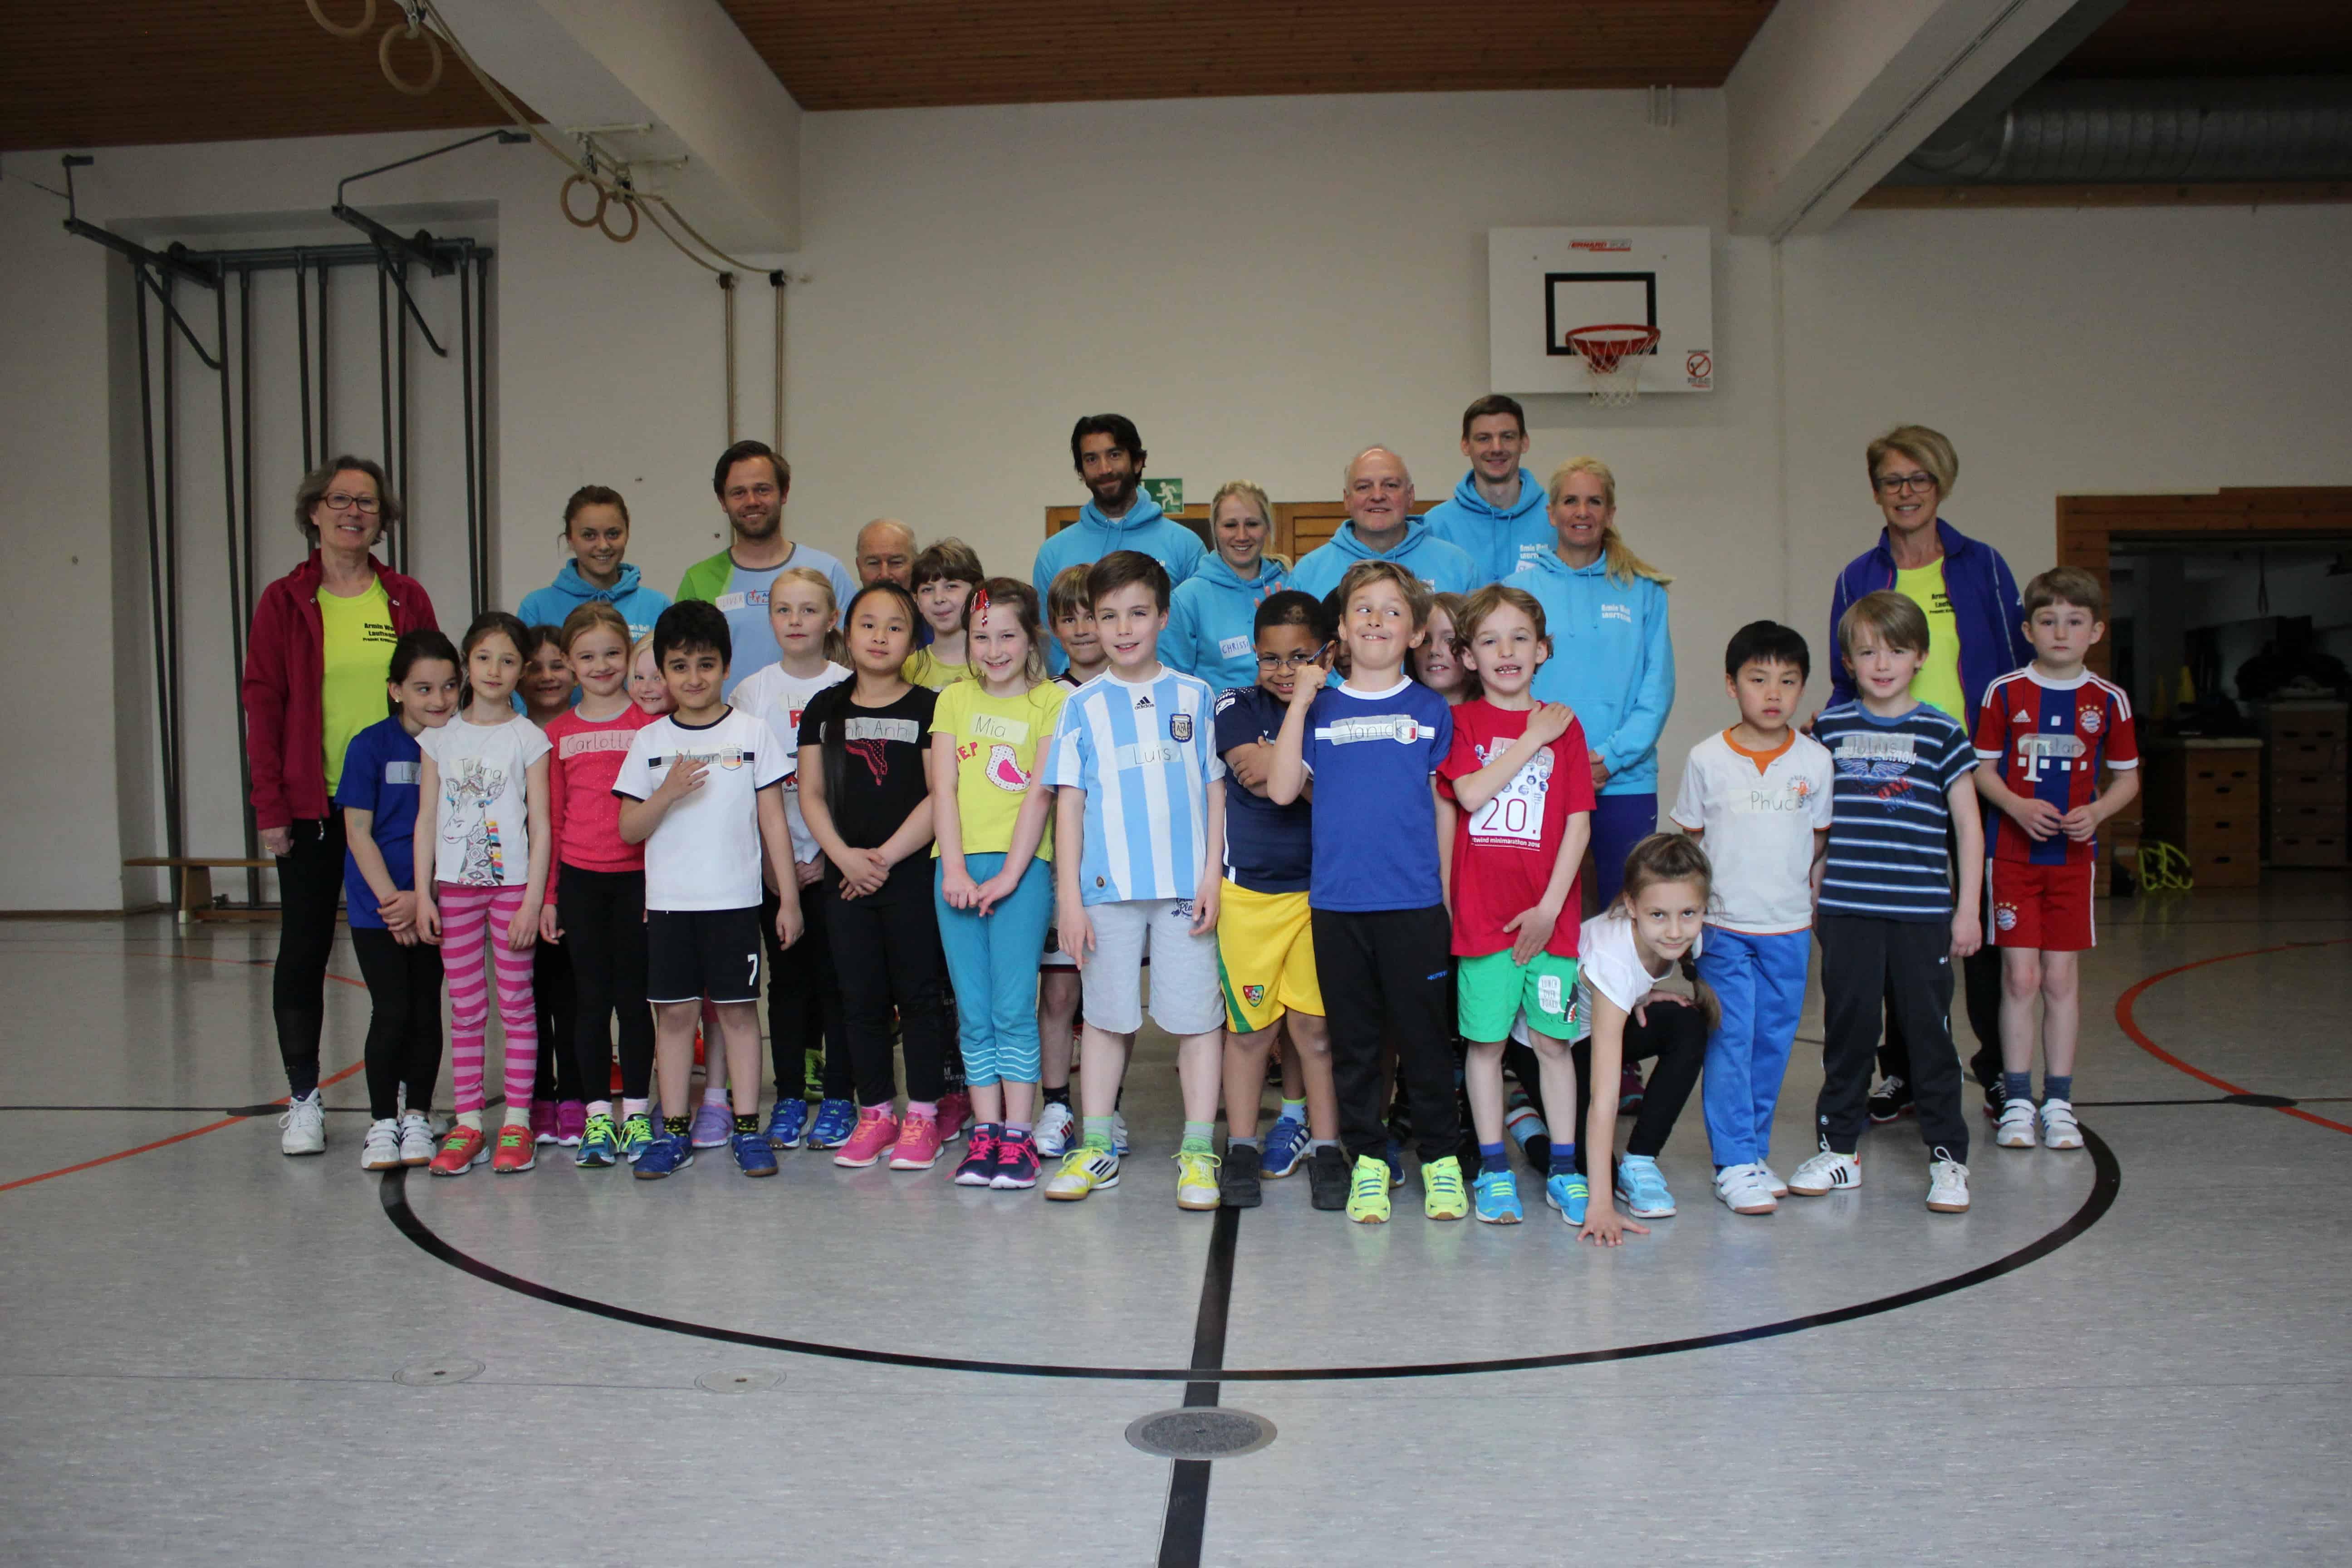 Armin-Wolf-Laufteam trainiert mit Kindern der Kreuzschule